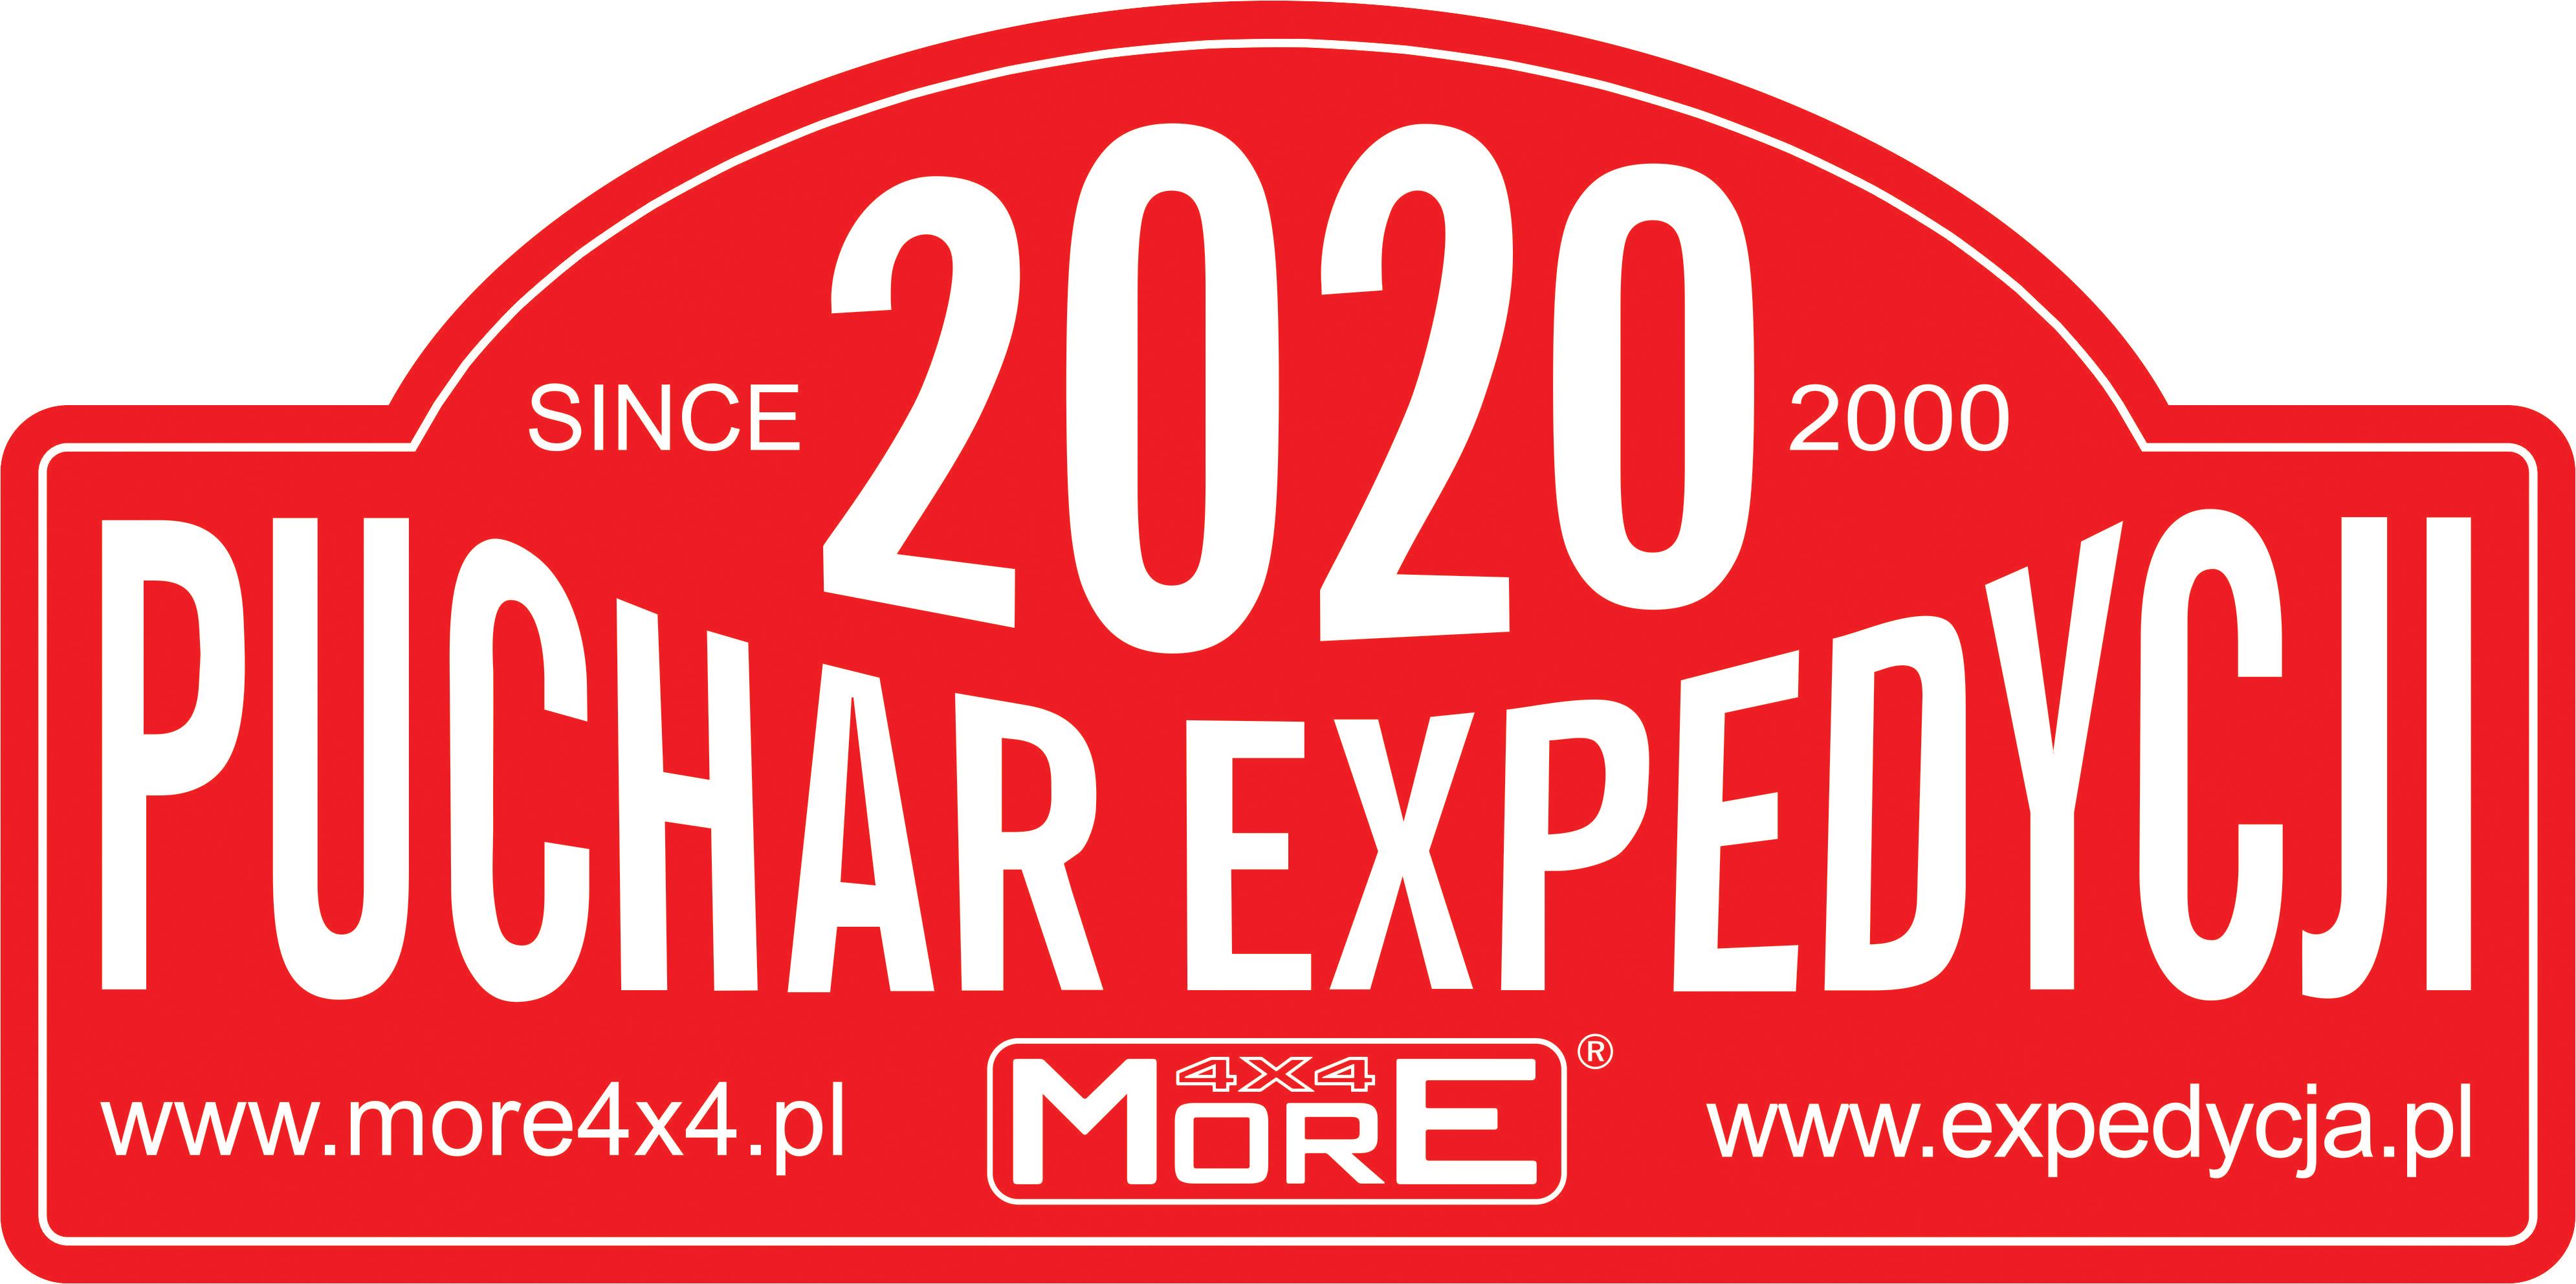 Puchar Expedycji 2020 Expedycja Kaszubia Epizod 2 Zewnętrzne Rubieże 06.06.2020